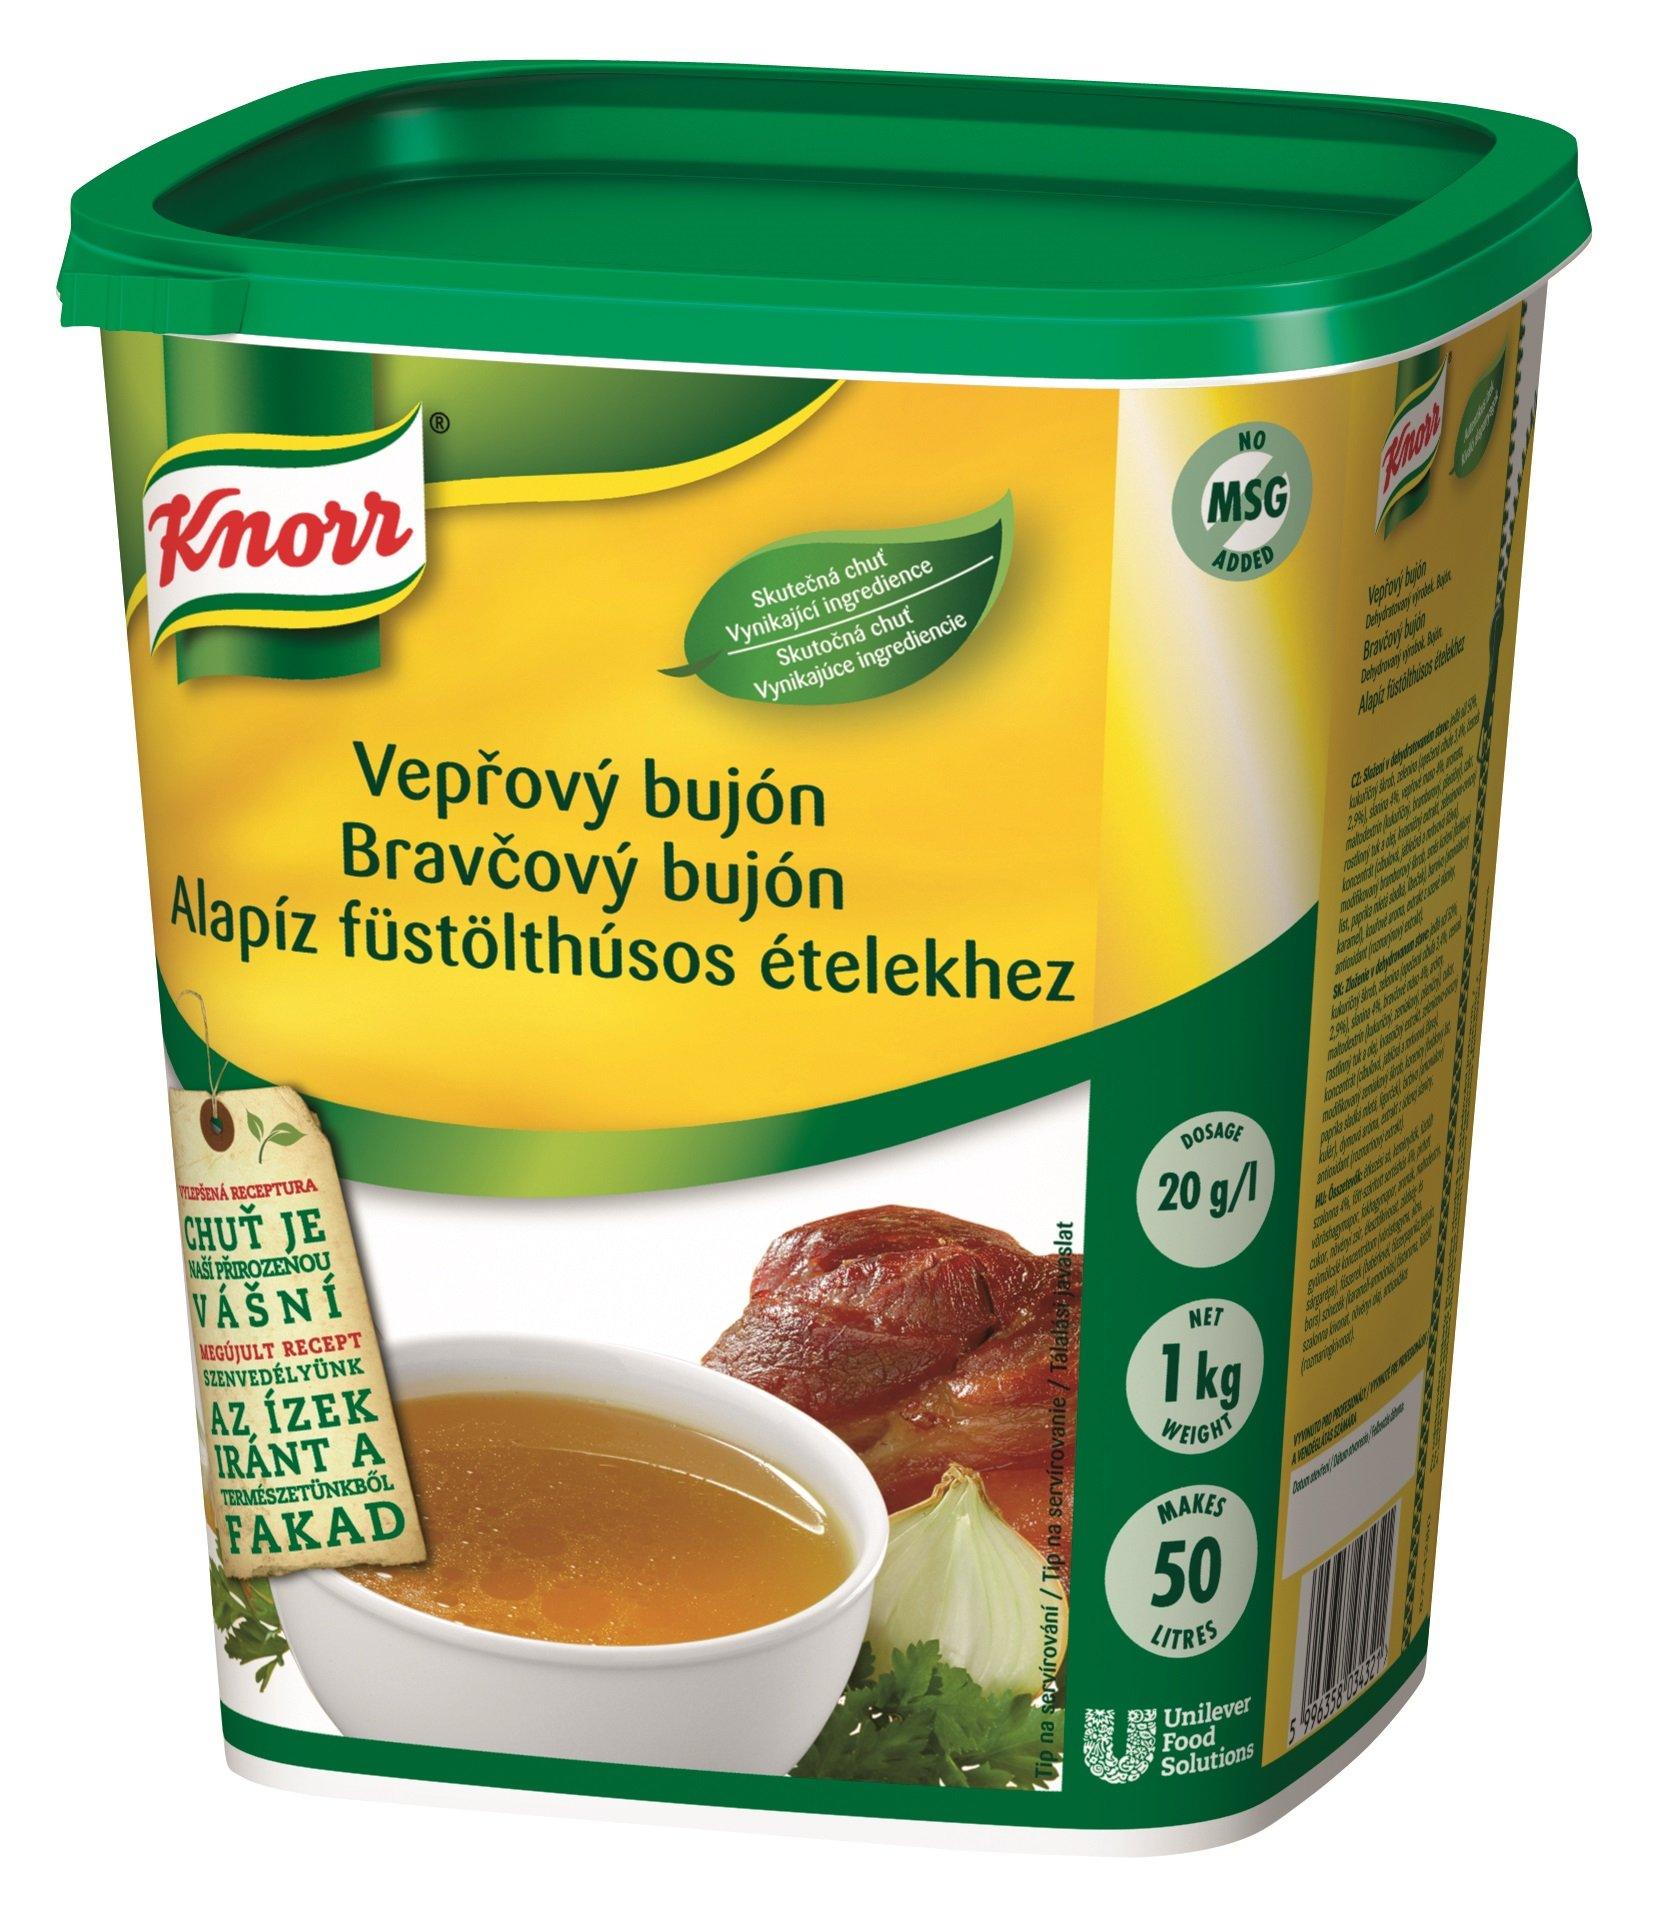 Knorr Vepřový bujón s vůní uzeného 1 kg